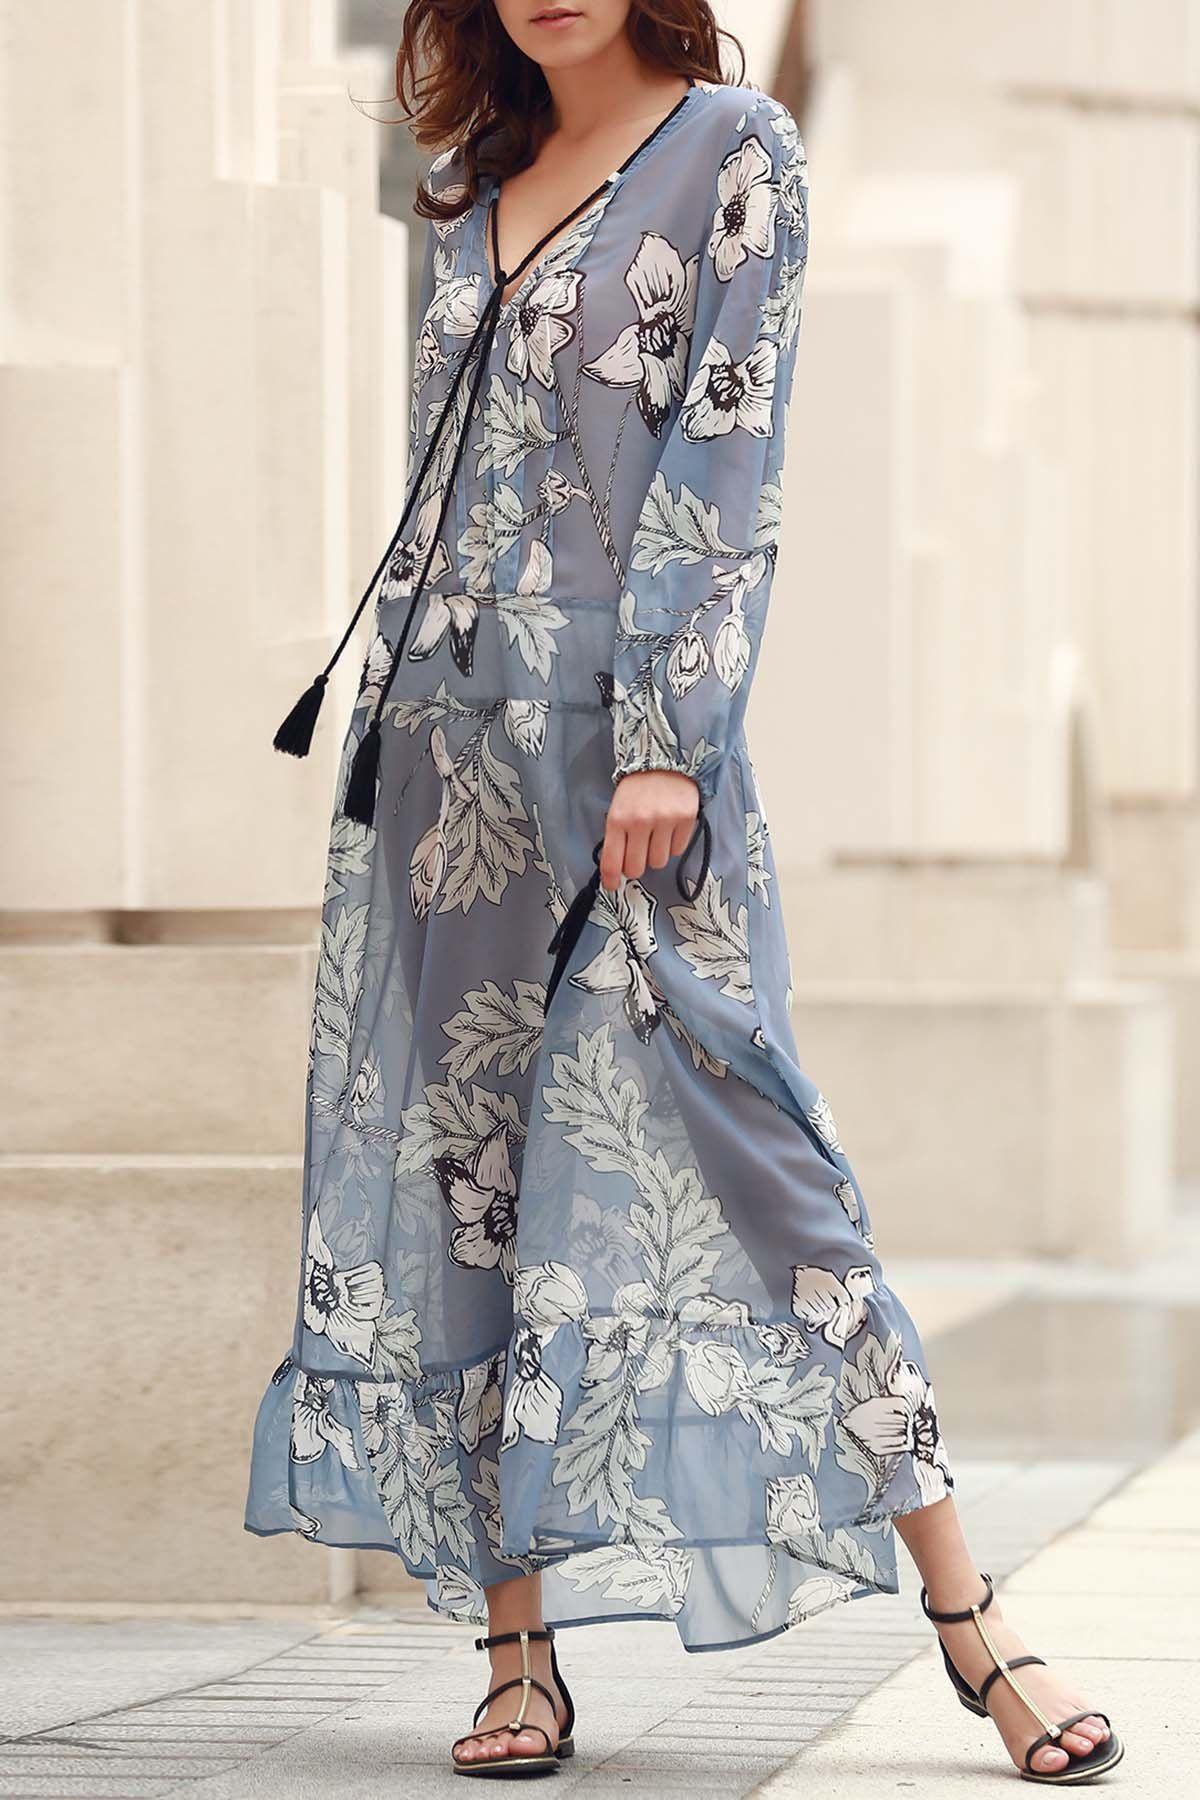 V-Neck Floral Print Boho Dress Lange Röcke, Maxi Kleider, Modische Kleider  Für b8a661f174